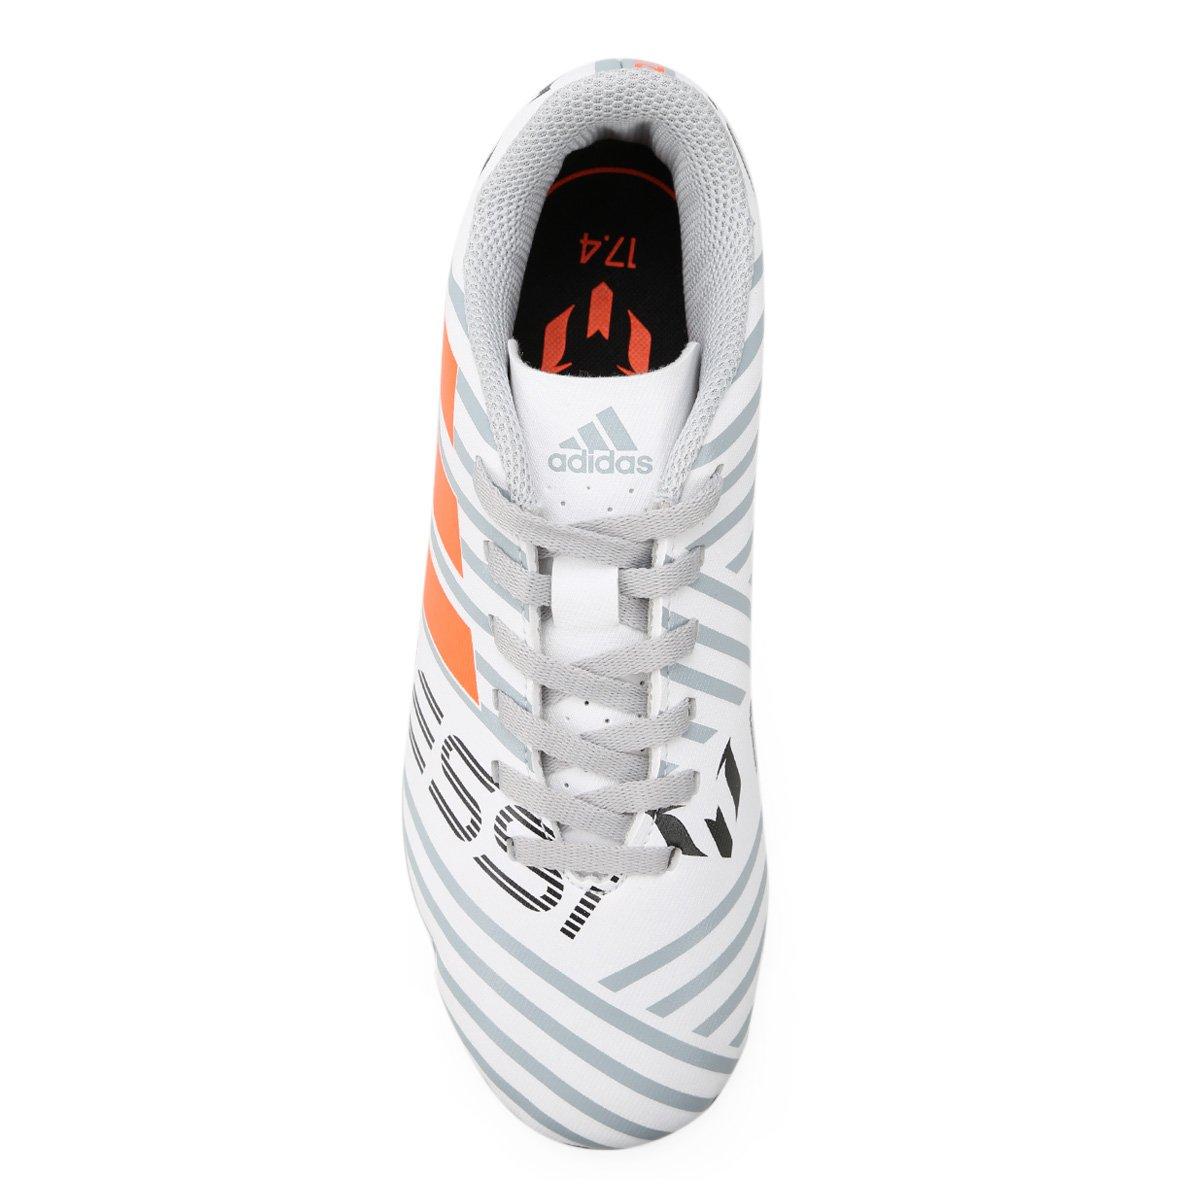 dd8a0ddb36 Chuteira Campo Infantil Adidas Nemeziz Messi 17.4 FXG - Compre Agora ...